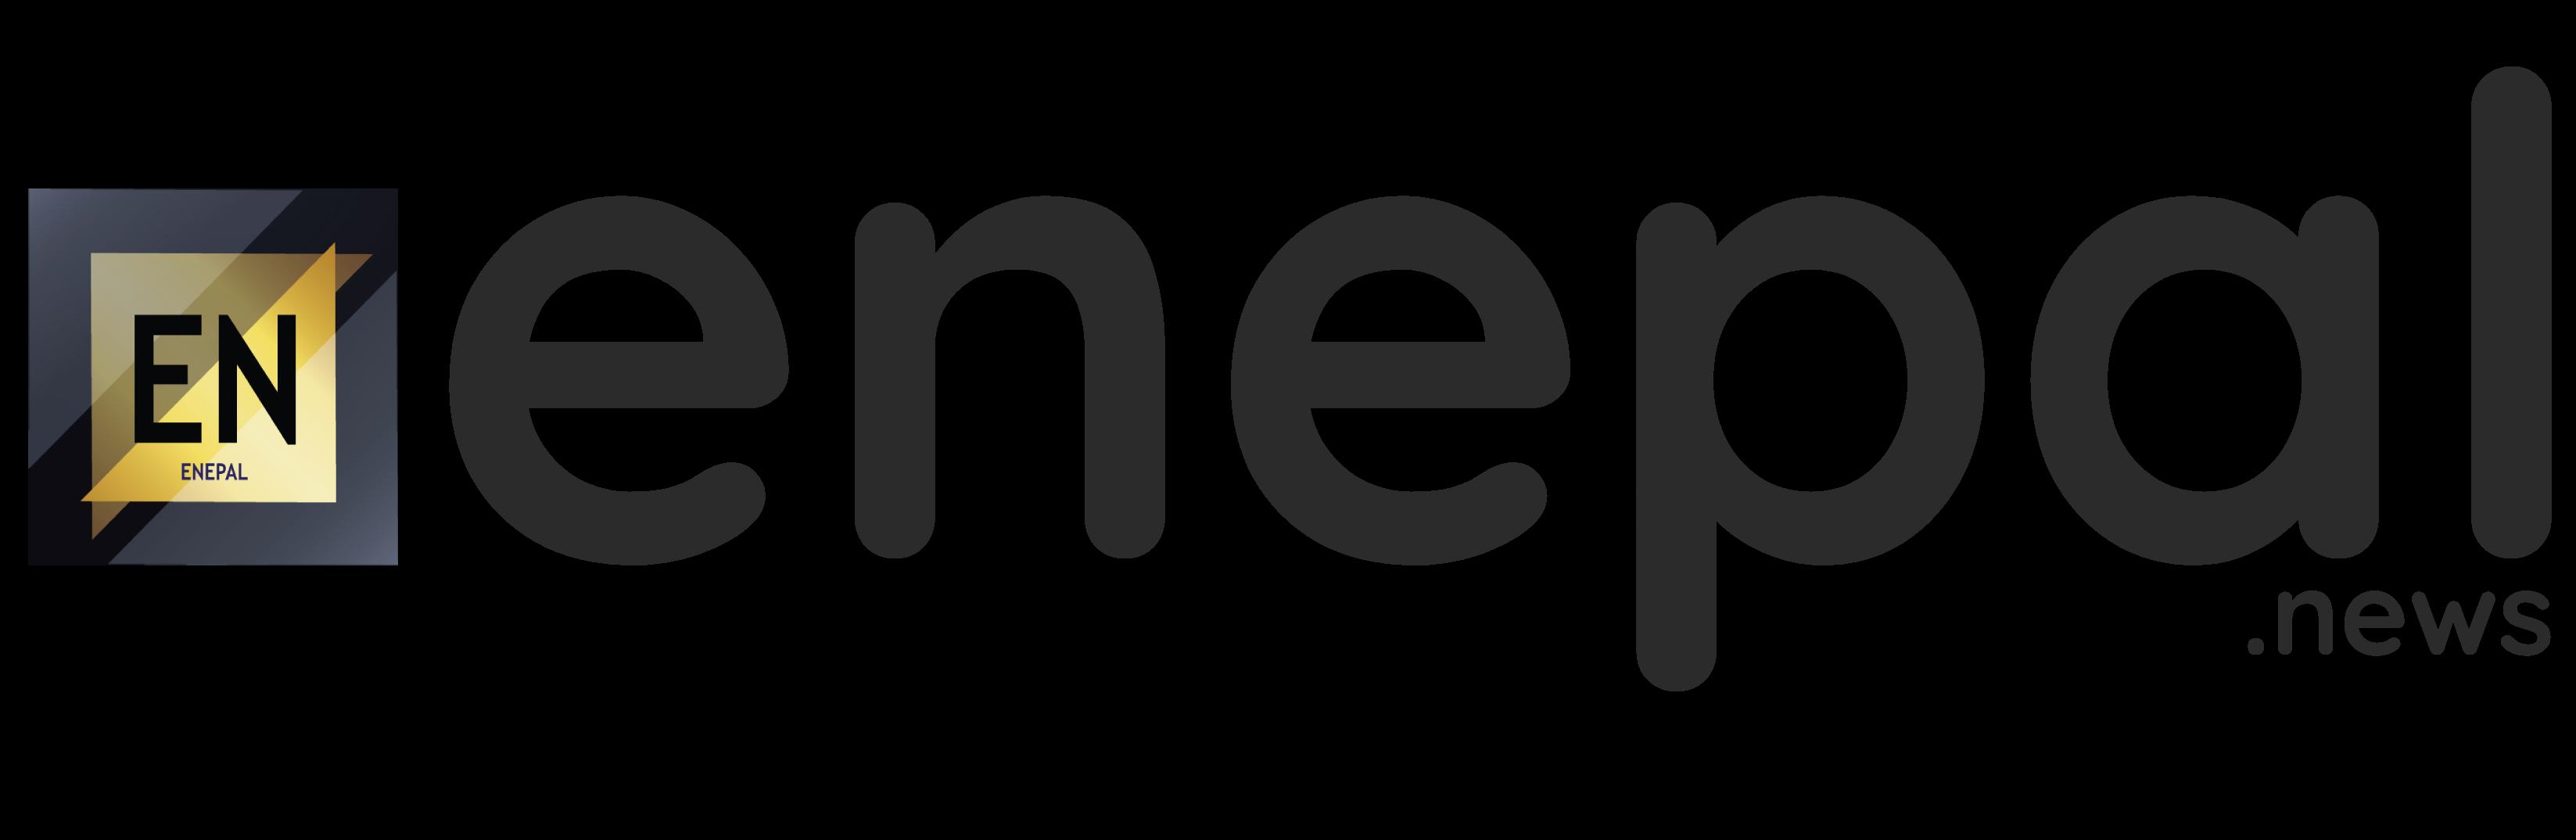 eNepal